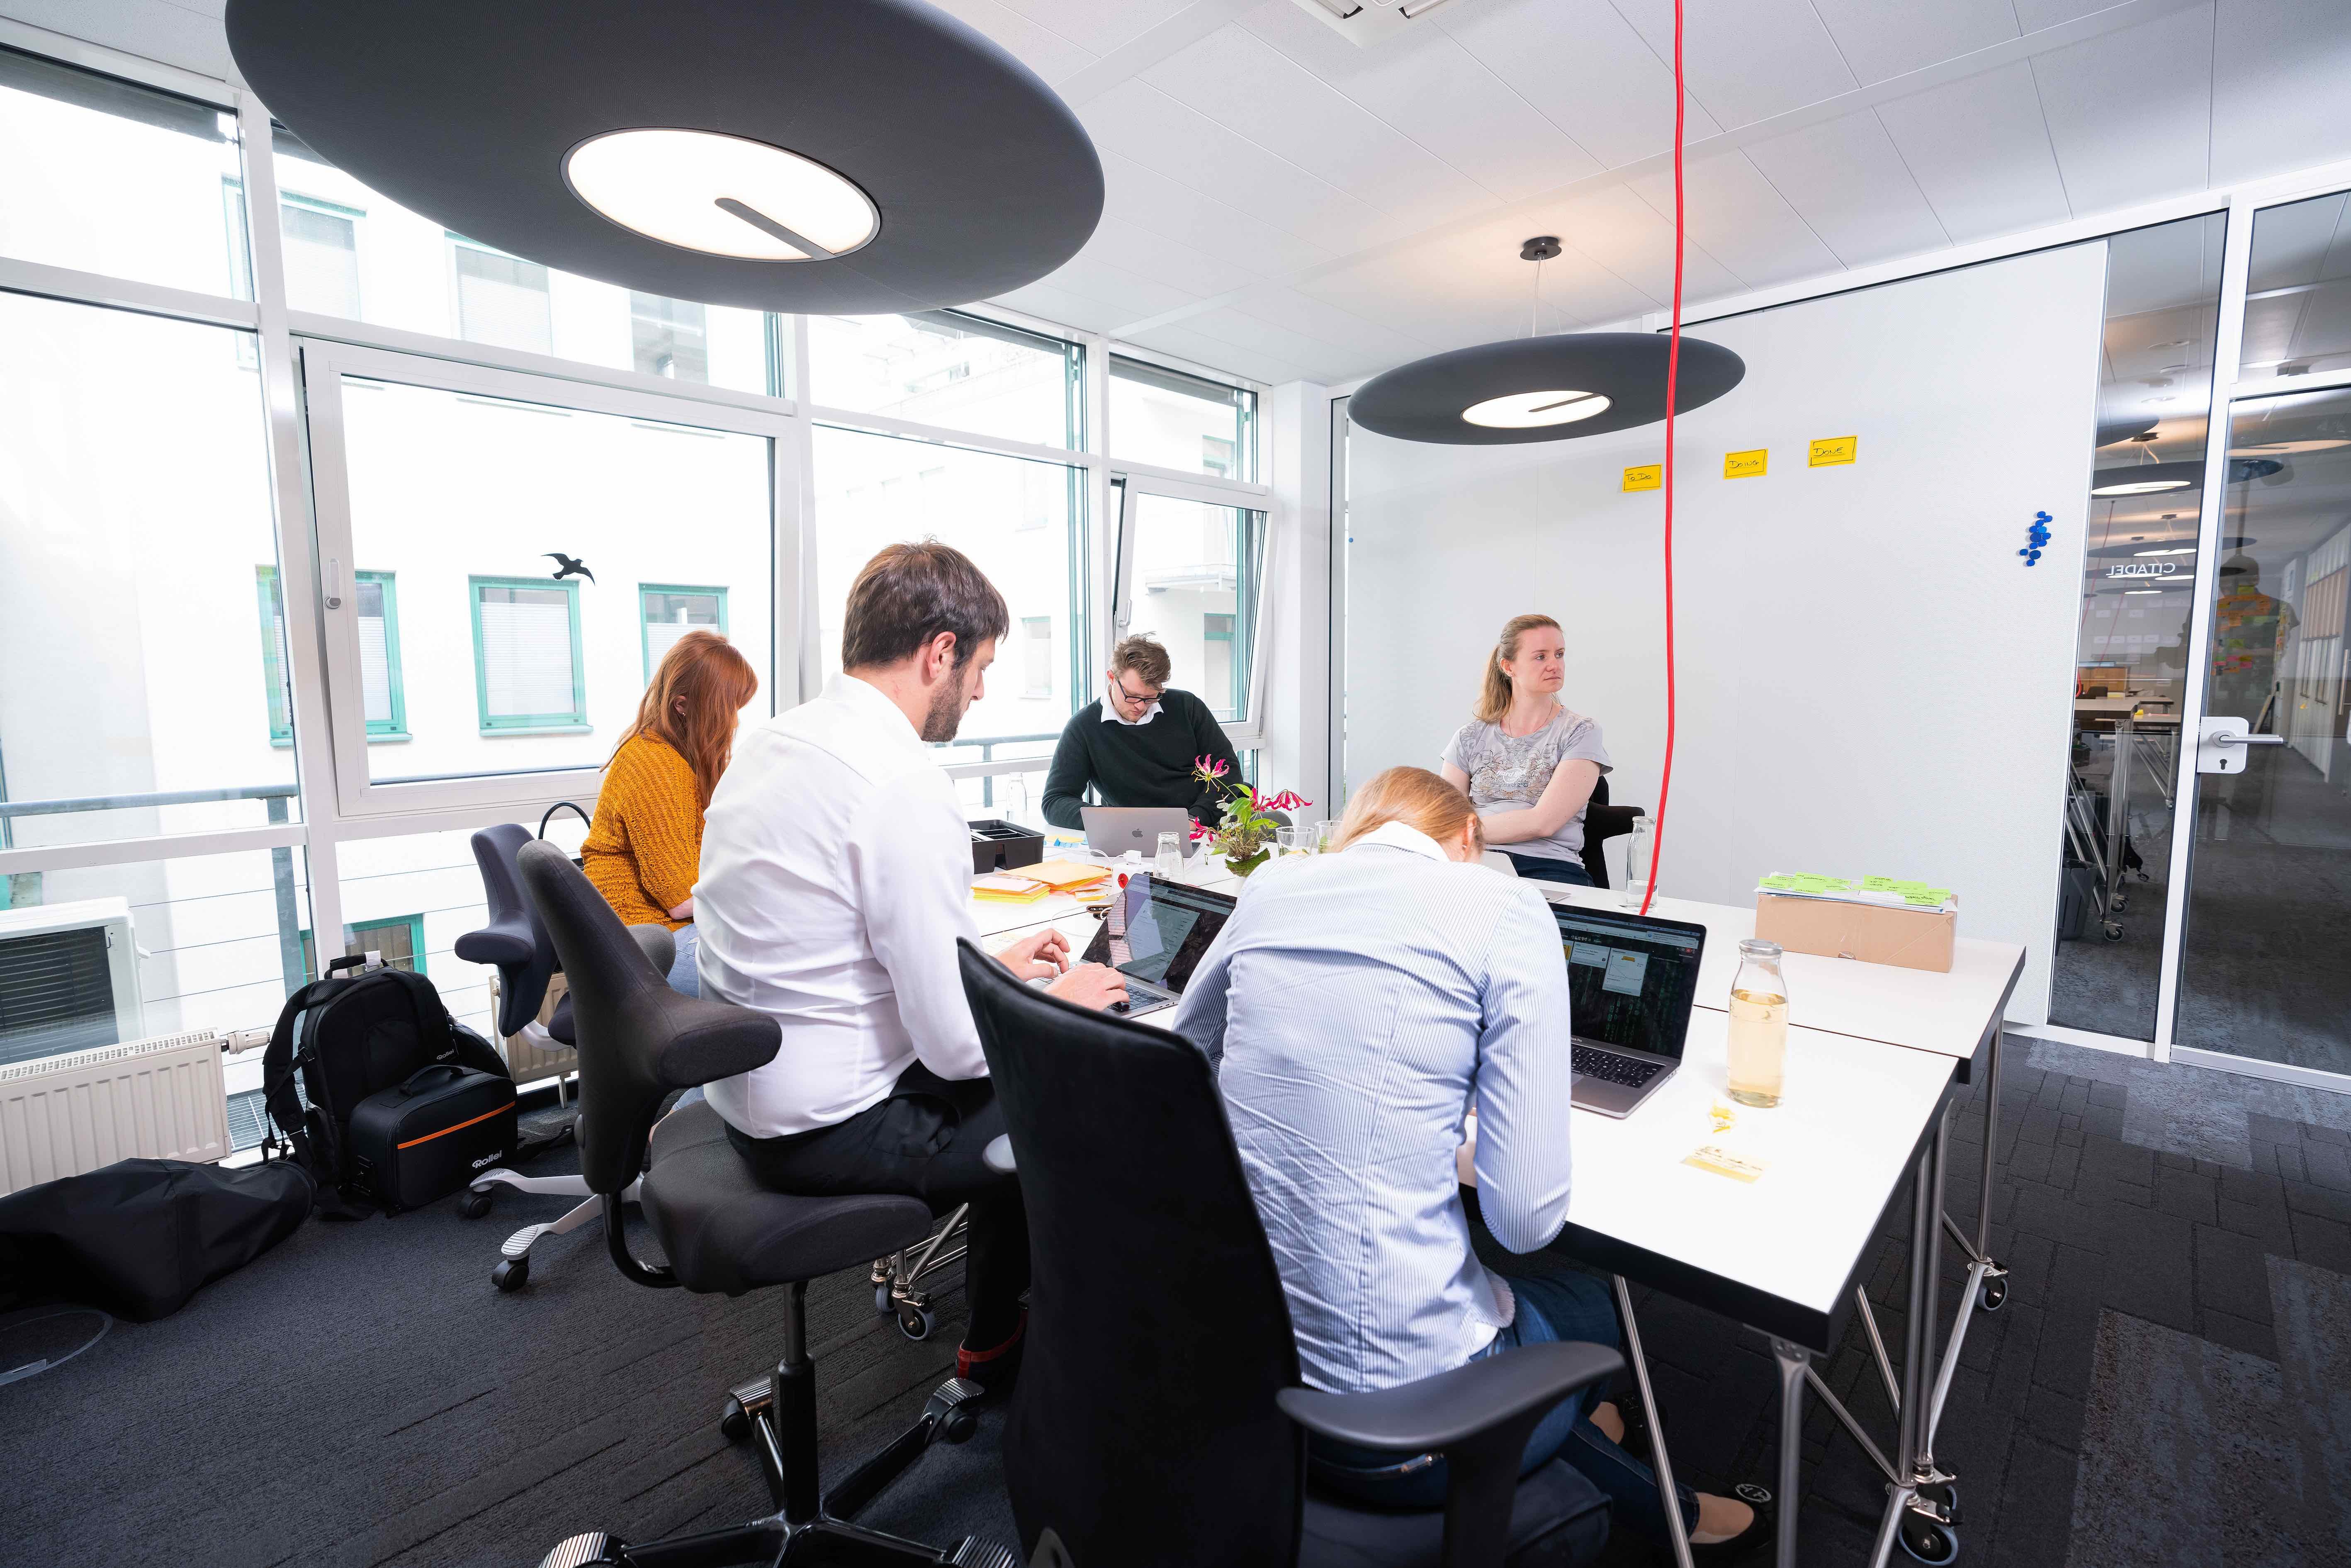 Menschen arbeiten in einem Raum um einen großen Tisch herum, Wände mit Schallschutzelementen, Lampen mit Schallschutzelementen, Teppich